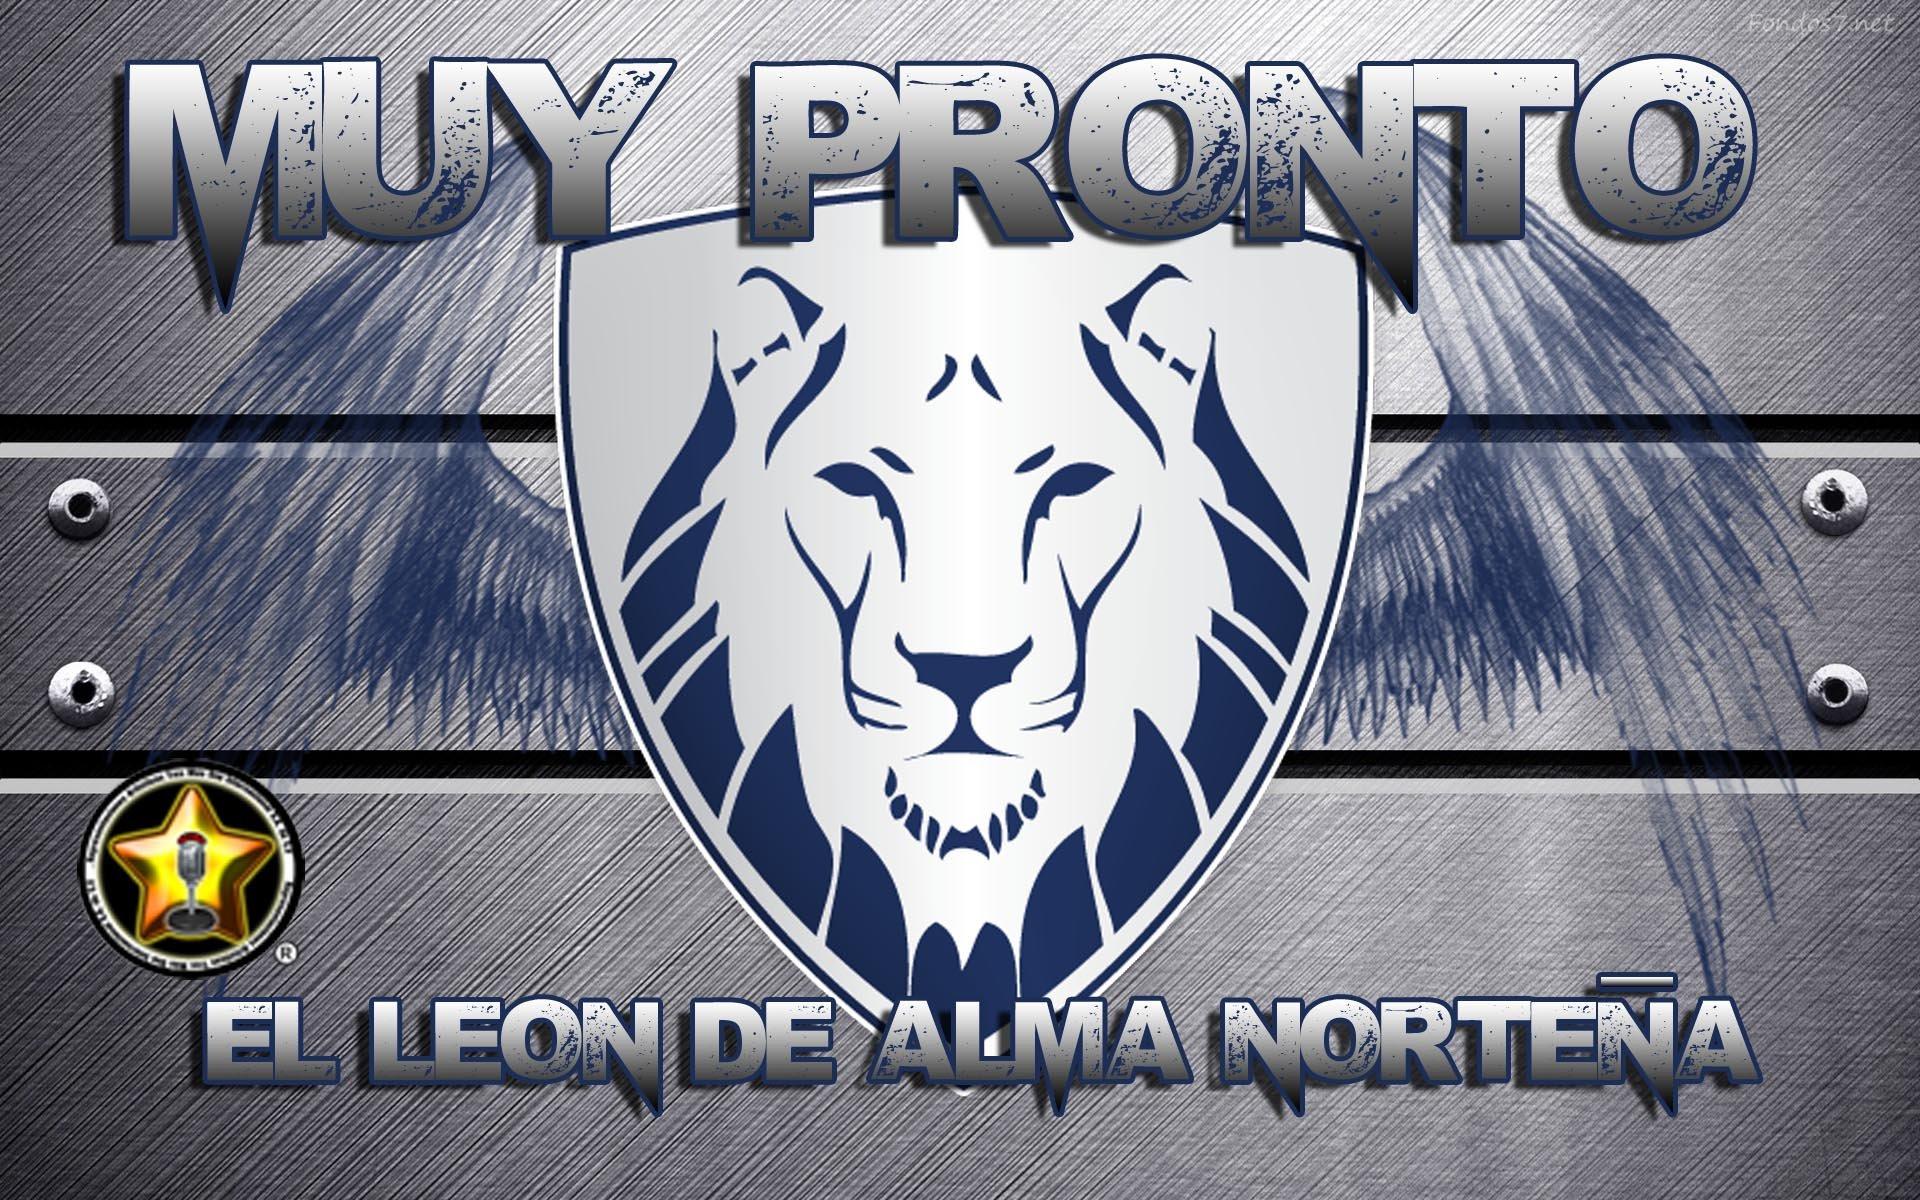 Próximamente el León de Alma Norteña